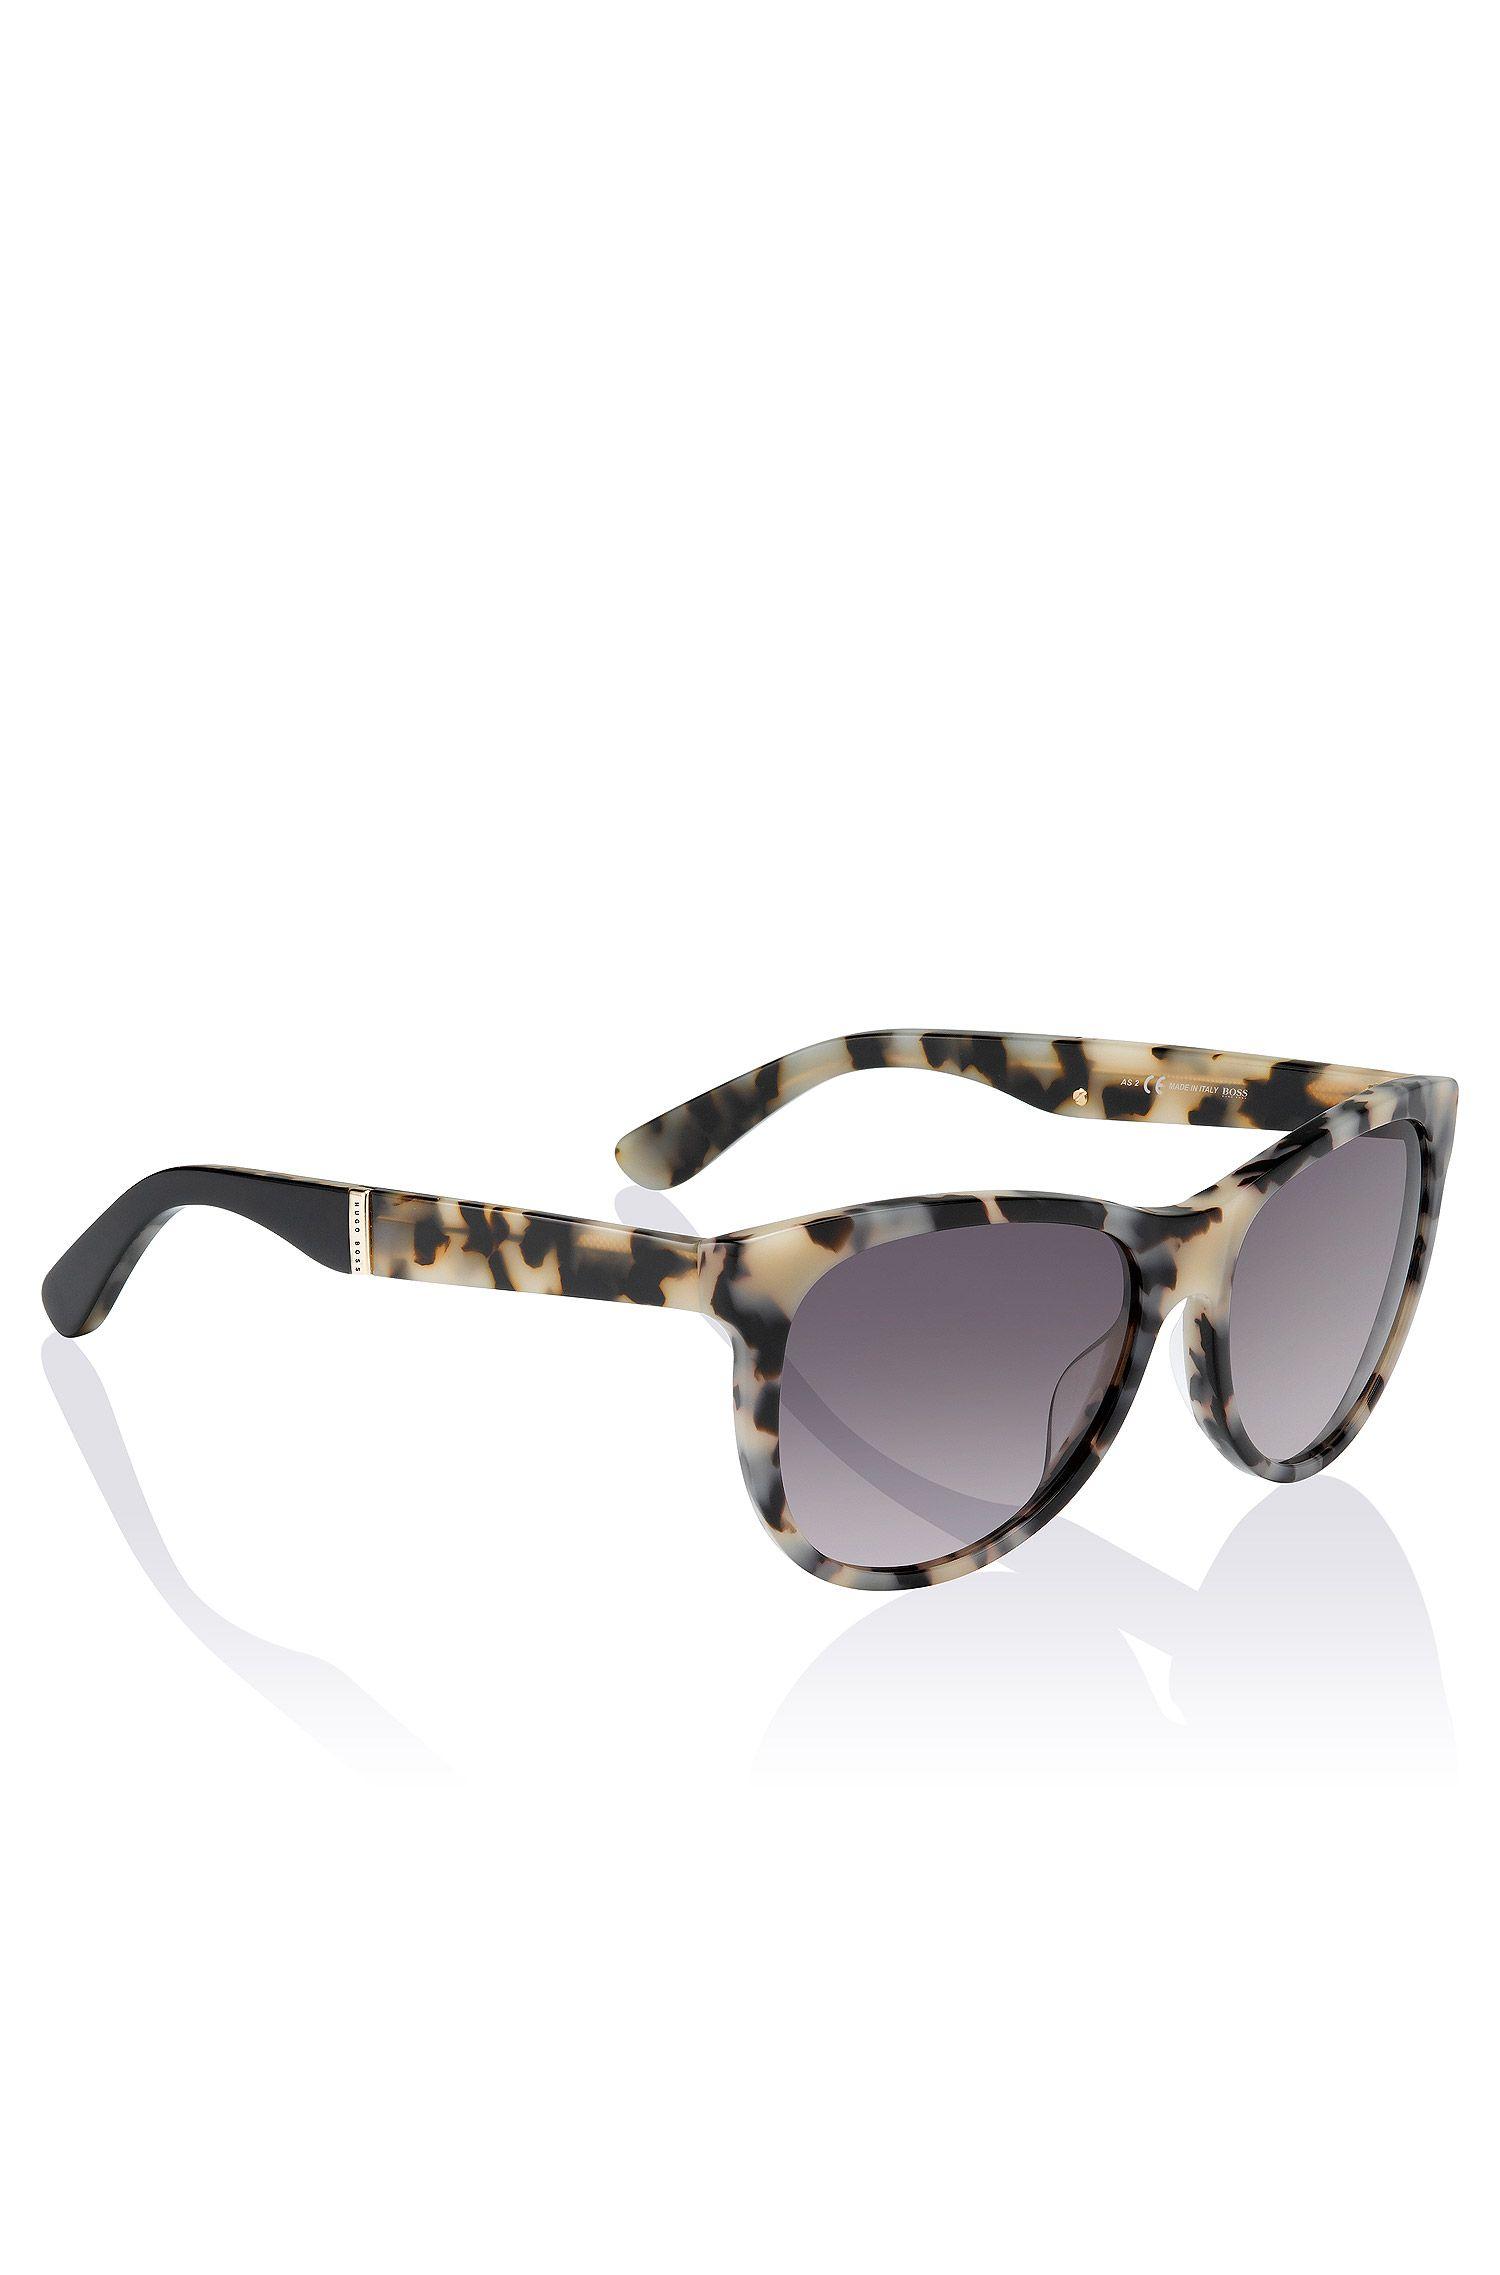 Sonnenbrille ´0570/S` mit goldenen Details